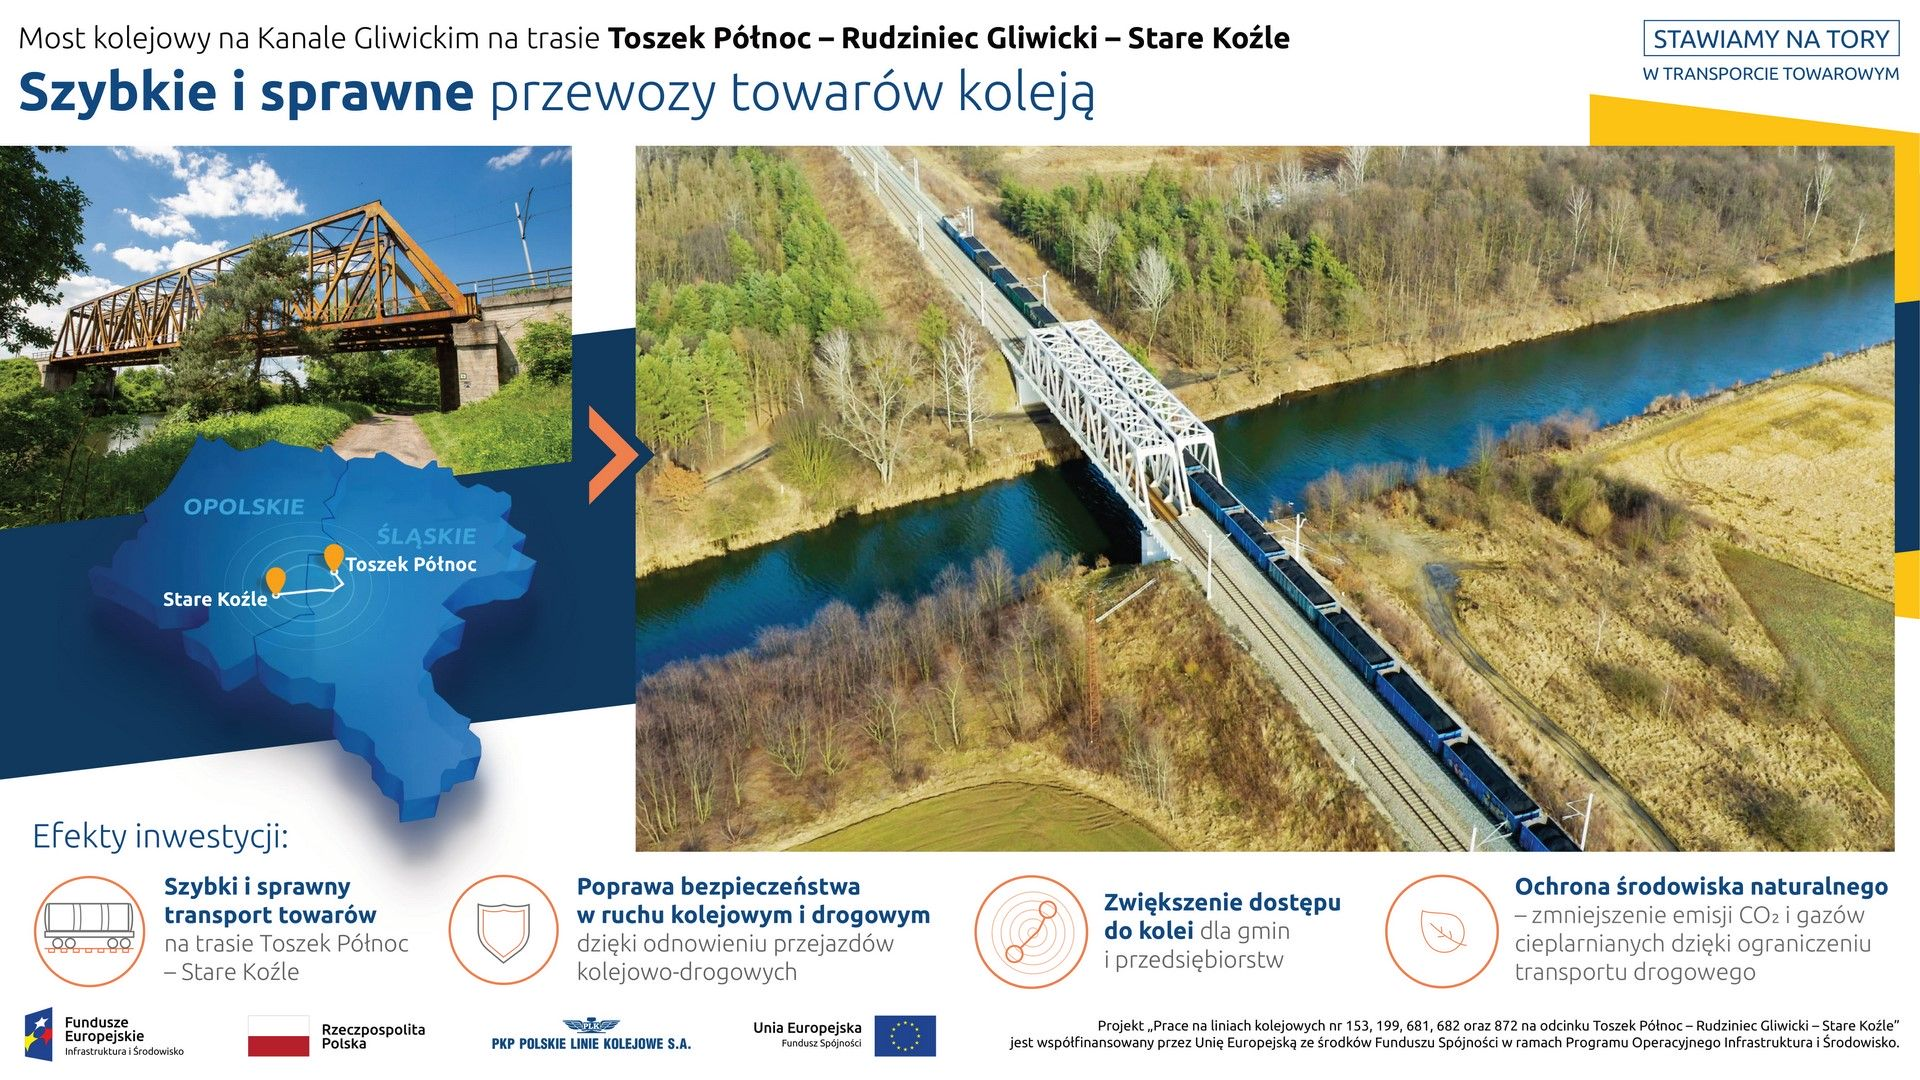 Na infografice prezentowane są dwa zdjęcia. Na pierwszym, mniejszym, z lewej strony, widnieje most kolejowy na Kanale Gliwickim przed rozpoczęciem inwestycji. Pod fotografią znajduje się grafika – mapka z sąsiadującymi ze sobą województwami śląskim i opolskim oraz zaznaczoną trasą kolejową z Toszek Północ do Stare Koźle. Natomiast z prawej strony infografiki widnieje zdjęcie z mostem po jego przebudowie, a na nim przejeżdżający pociąg towarowy z transportowanym węglem. Pod niżej prezentowane są korzyści wynikające z realizacji projektu: szybki i sprawny transport towarów, poprawa bezpieczeństwa w ruchu kolejowym i drogowym, zwiększenie dostępu do kolei oraz ochrona środowiska naturalnego.